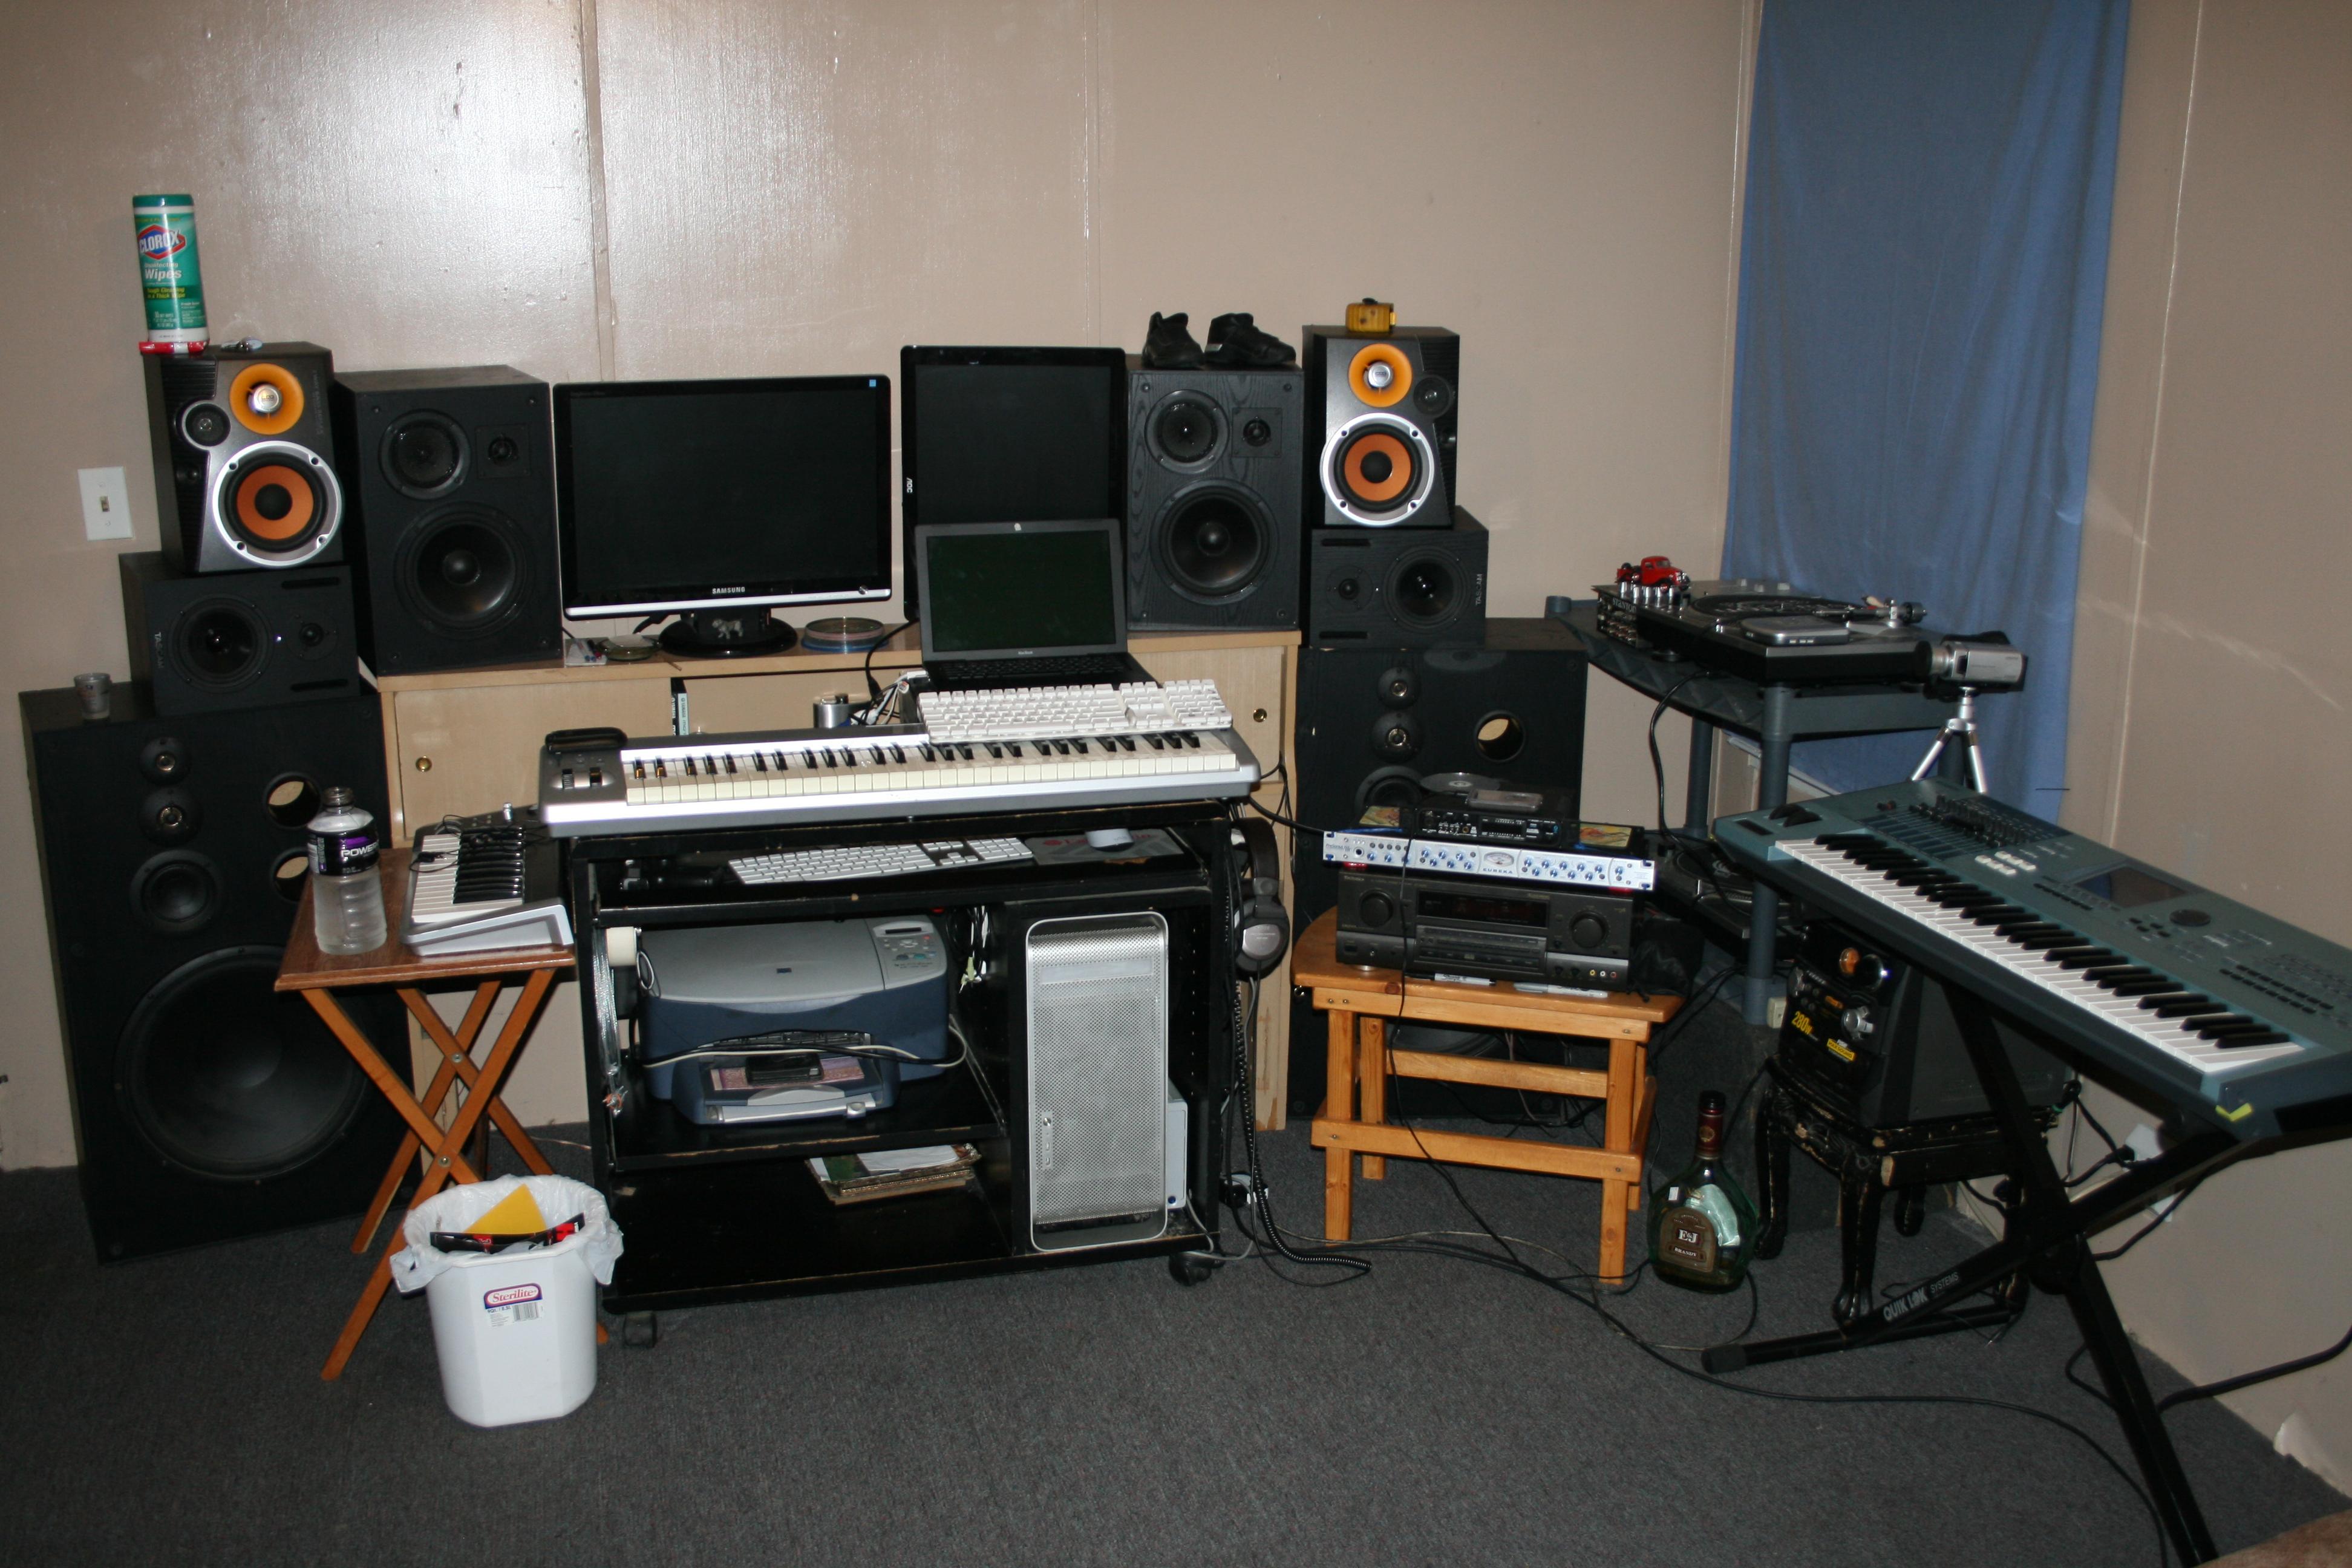 Show me your studio 2011 - no setup too small! - Page 14 ...